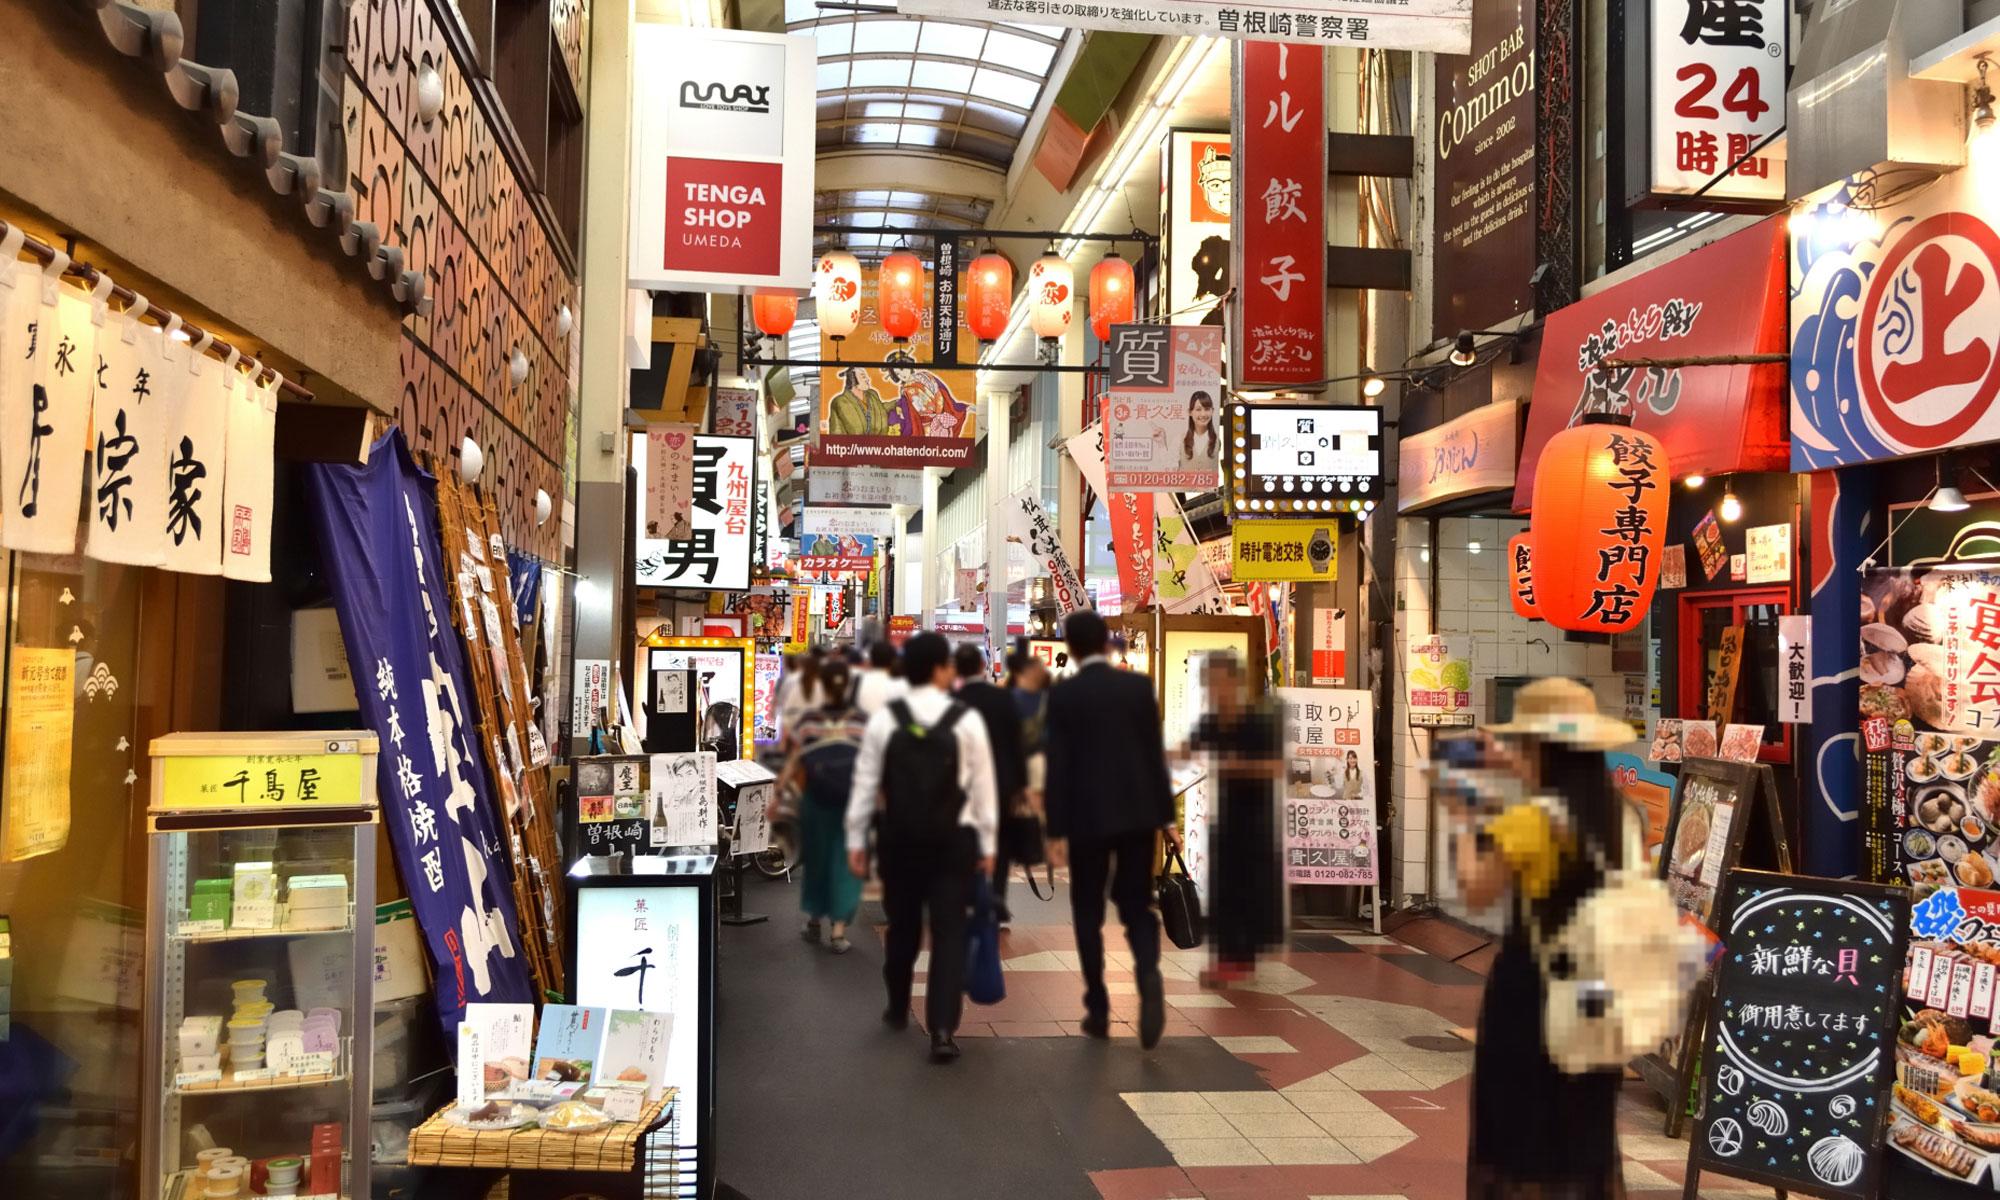 商店会.netは関西・大阪などの最新ニュースや情報の発信と商人のまち大阪の紹介をしています。